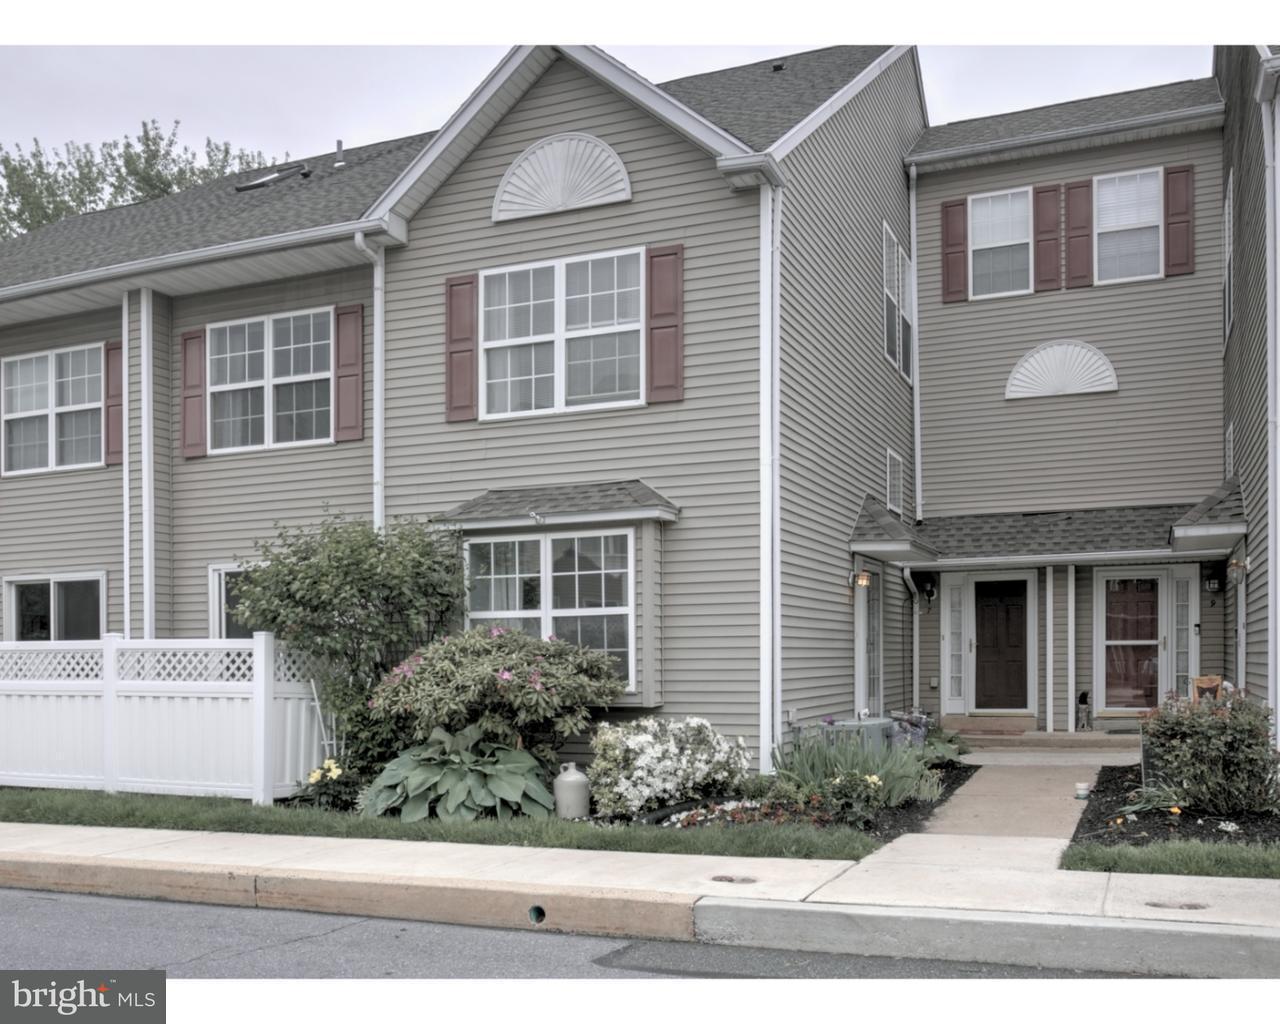 Частный односемейный дом для того Аренда на 5 HORSESHOE Drive Douglassville, Пенсильвания 19518 Соединенные Штаты